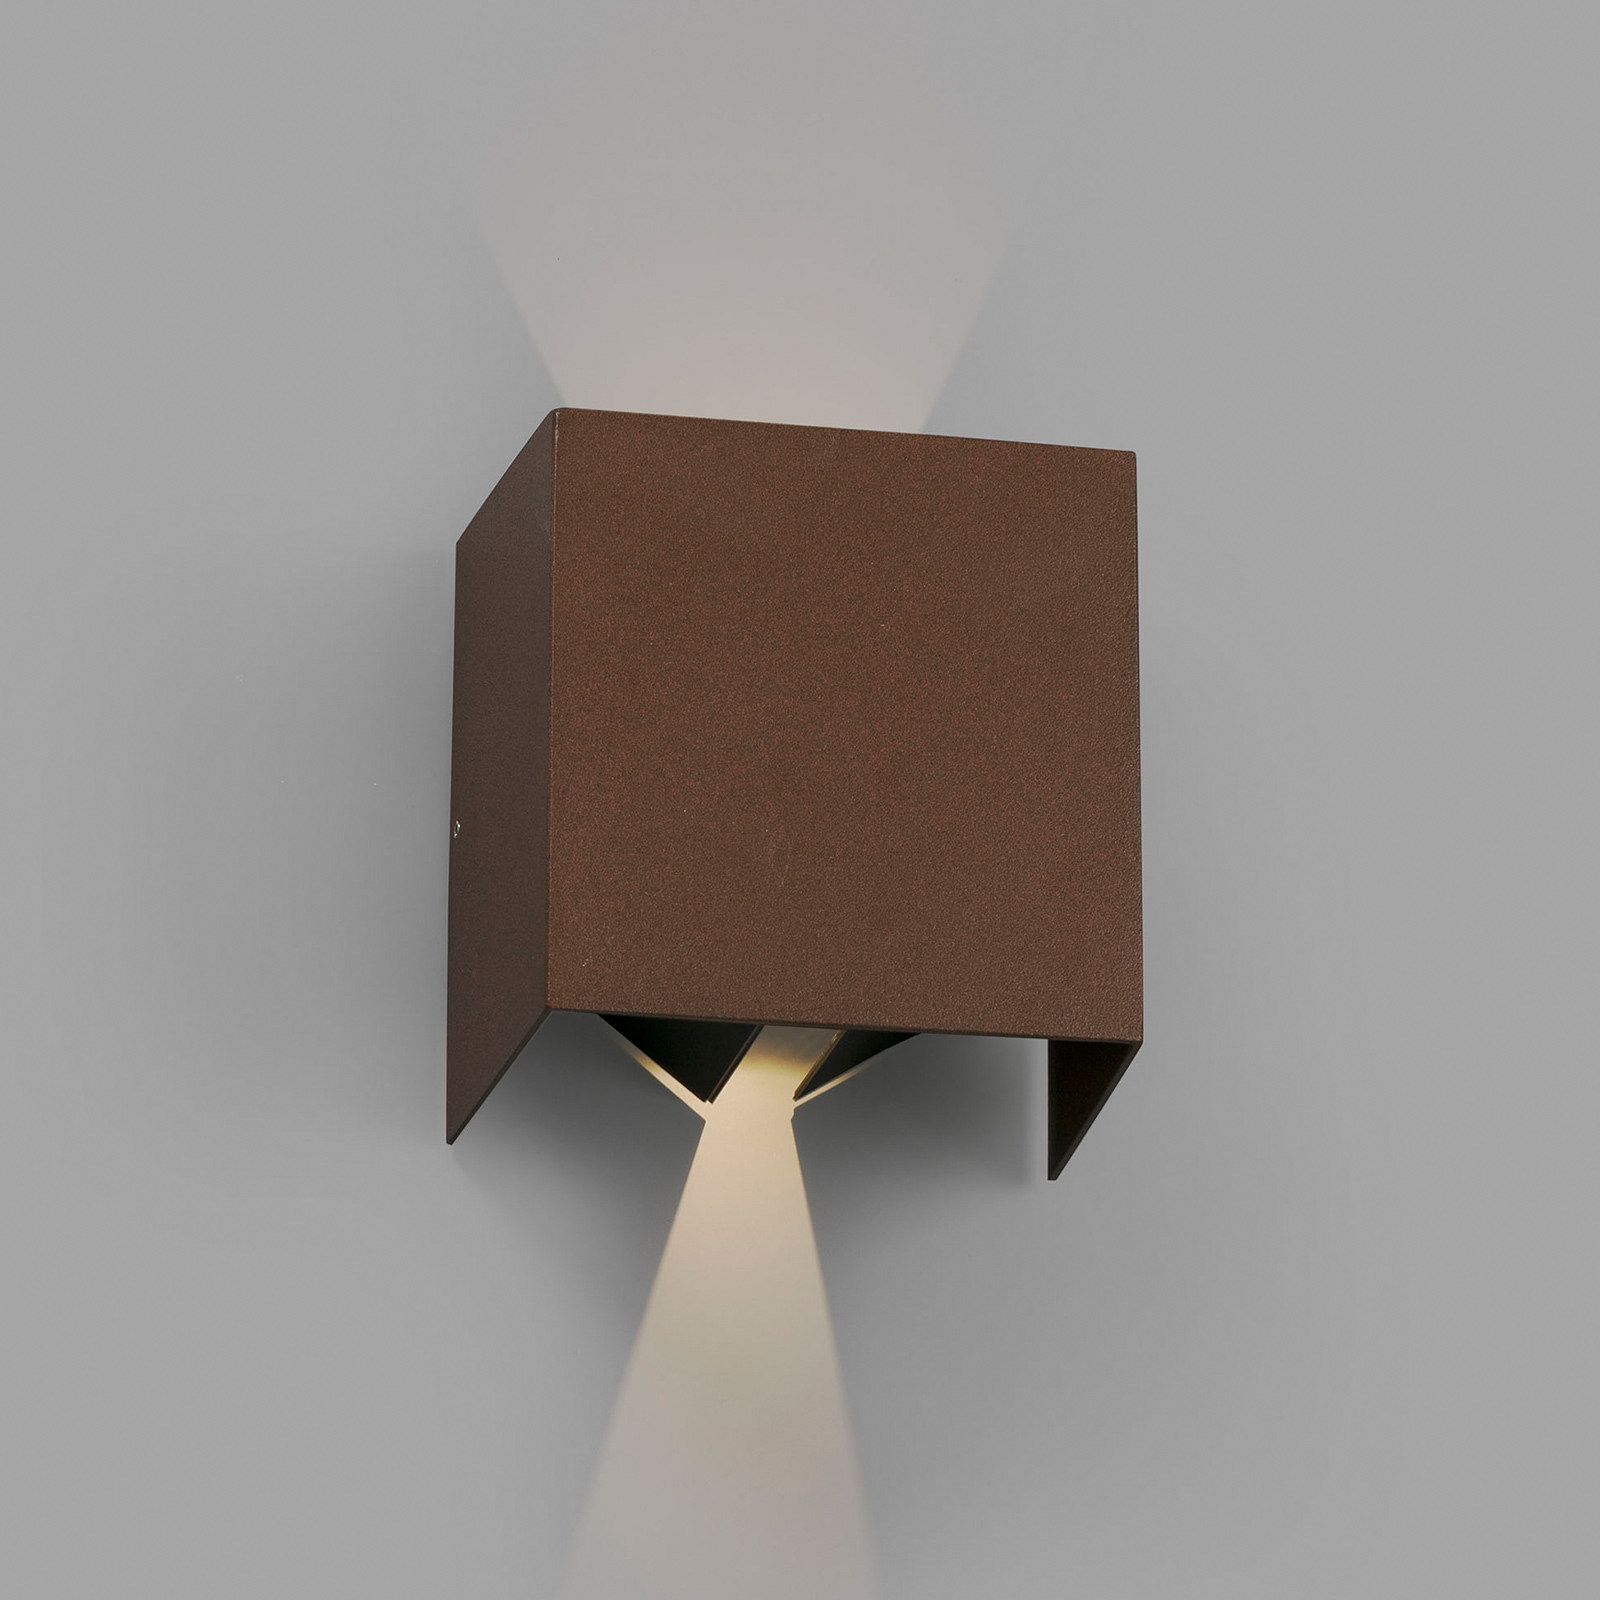 Applique d'extérieur LED Olan, brun rouille